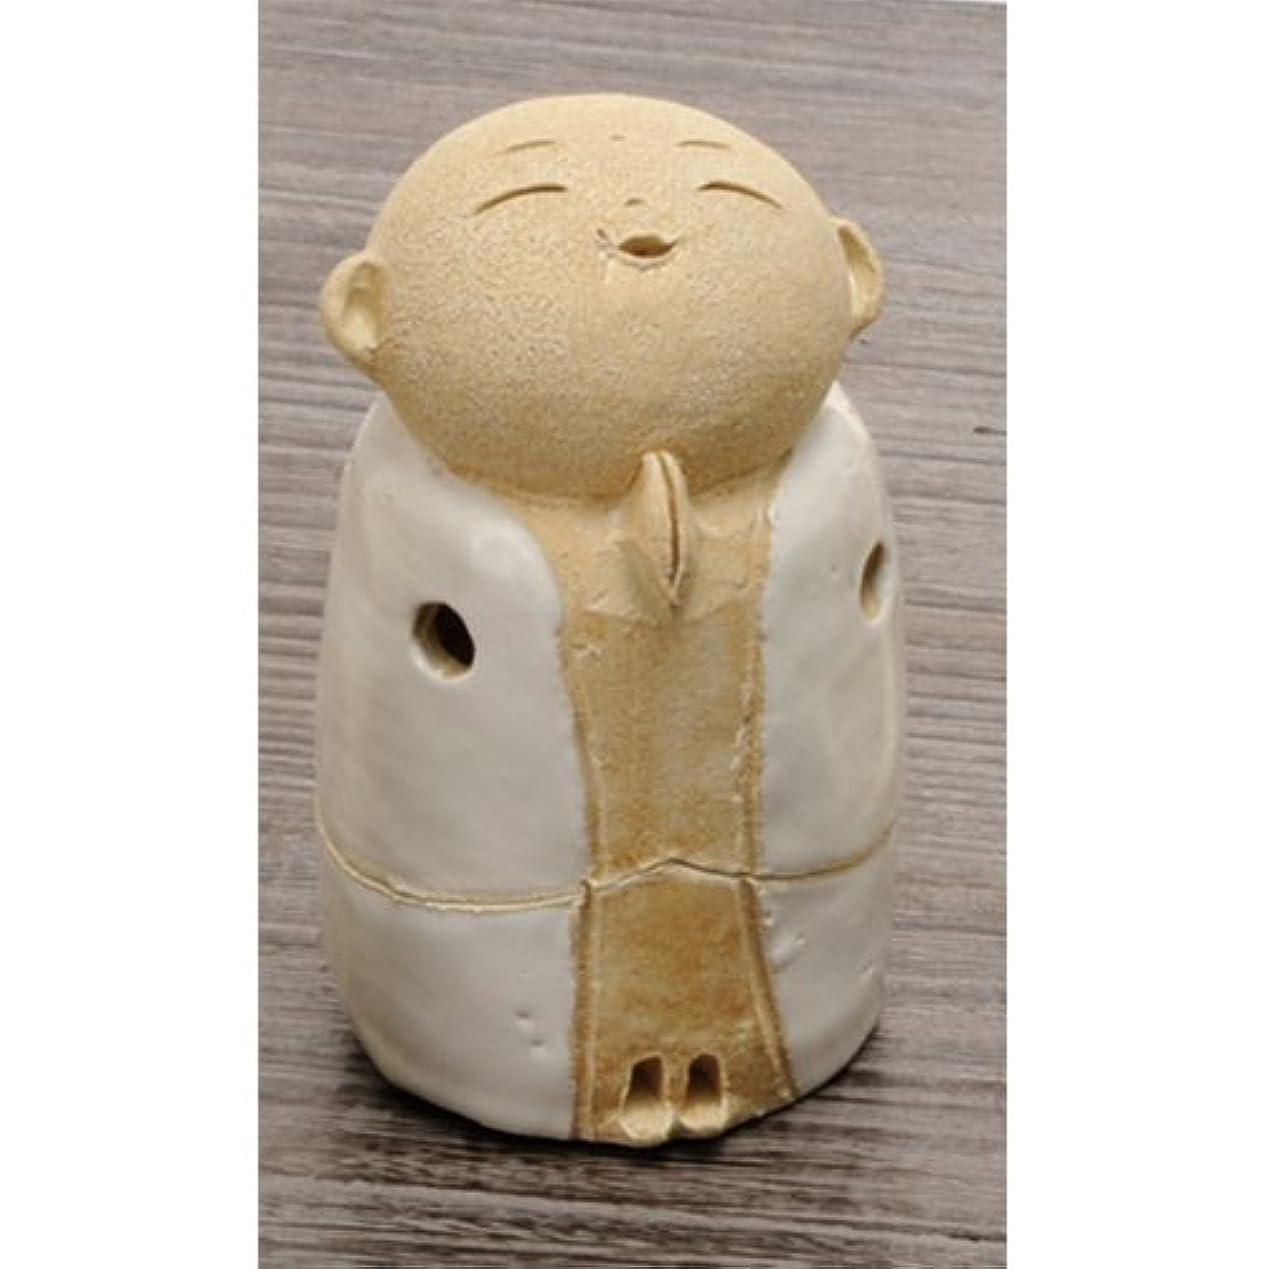 思慮のないブラウザ完全にお地蔵様 香炉シリーズ 白 お地蔵様 香炉 3.5寸(小) [H10cm] HANDMADE プレゼント ギフト 和食器 かわいい インテリア